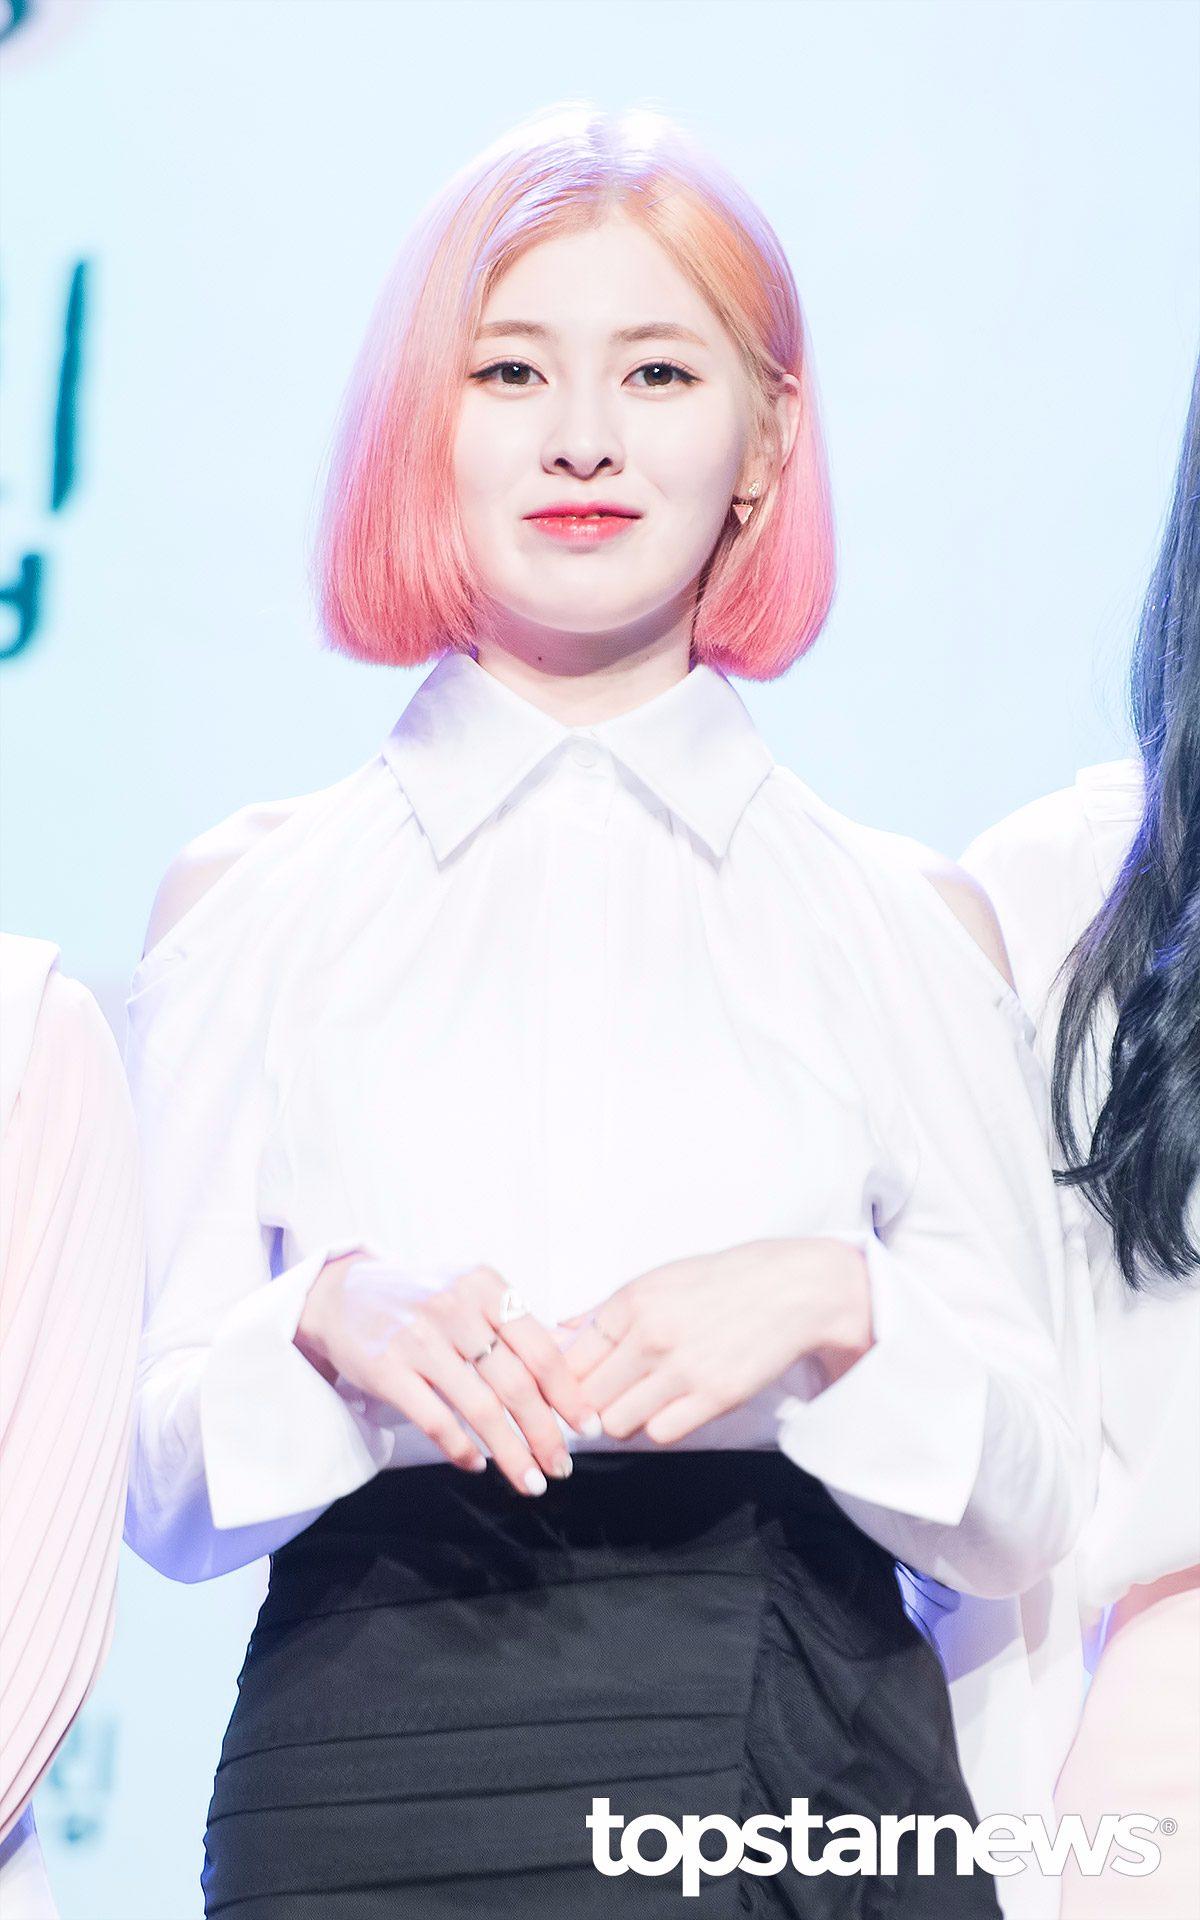 另一位破格變身的成員就是豫彬啦! 之前可愛的粉紅色中短髮已經不復見了ㅠㅠ